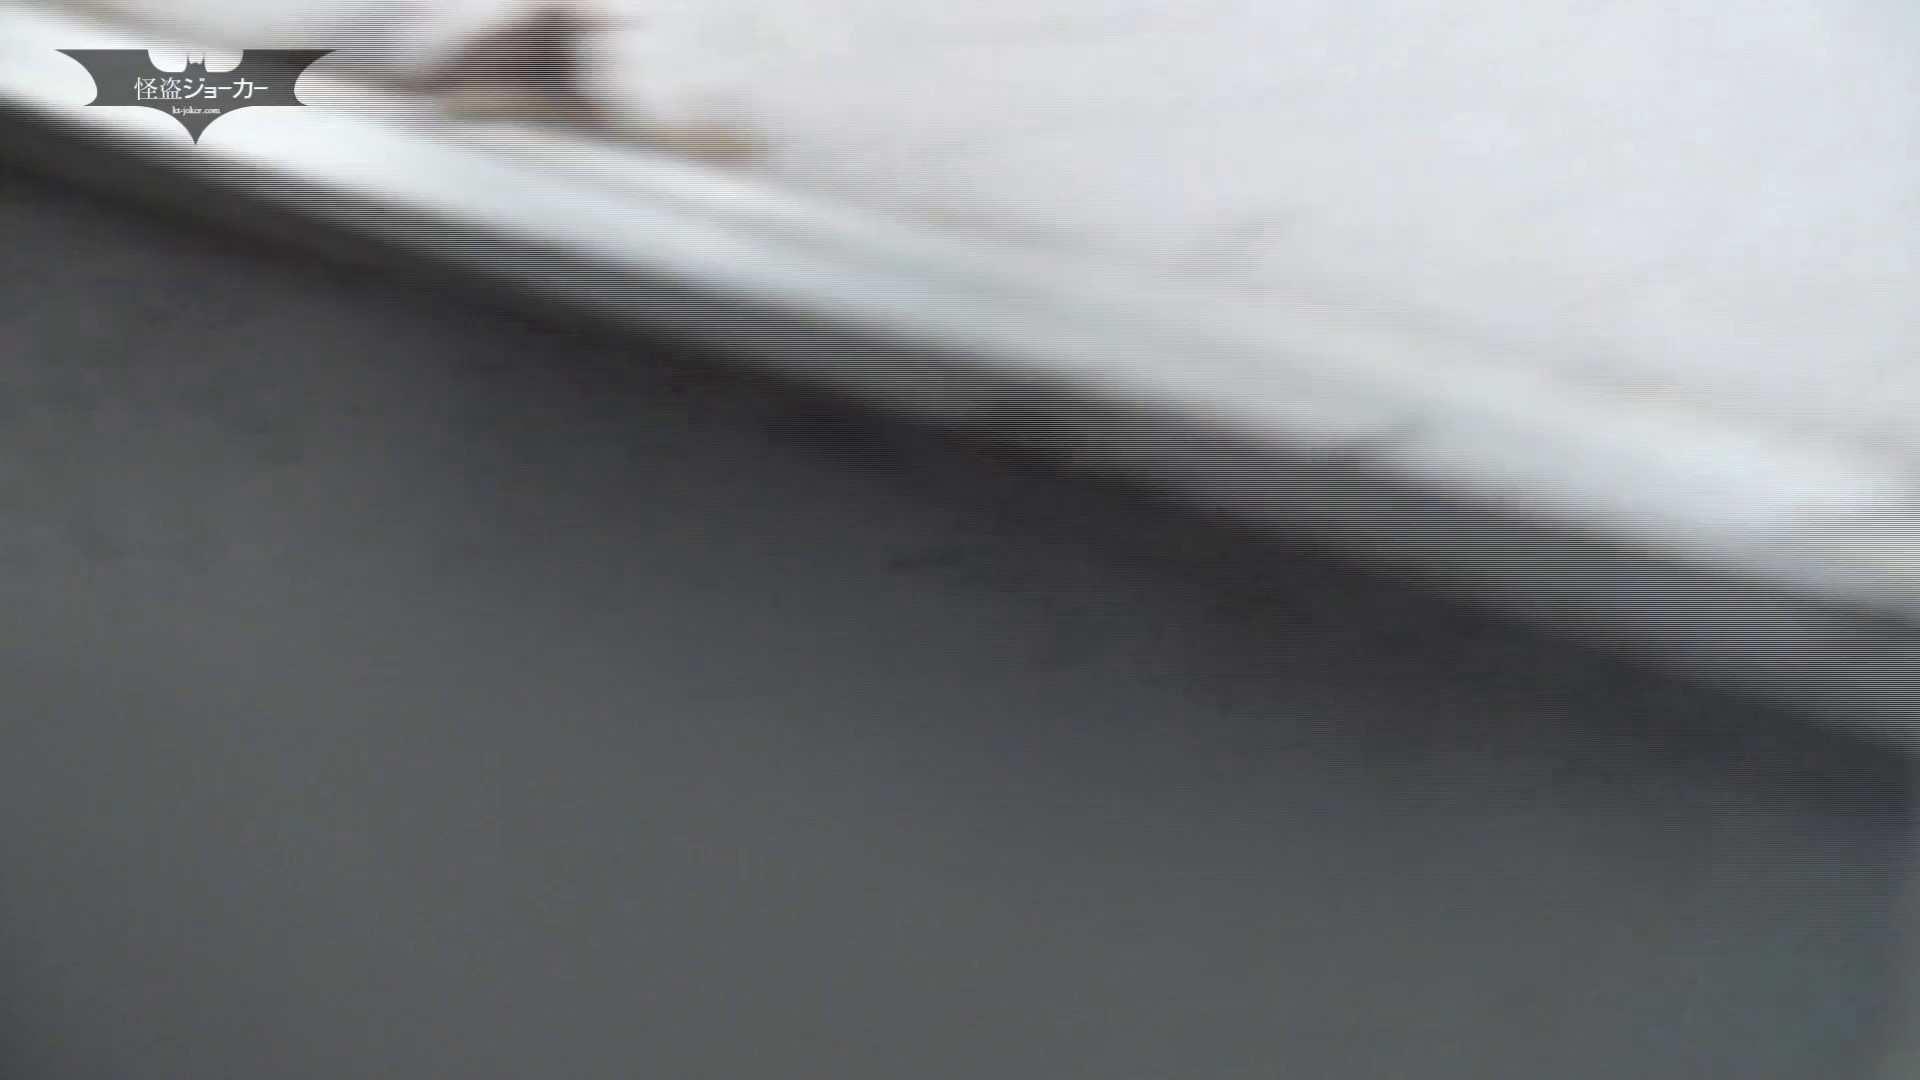 下からノゾム vol.032 走って追跡、そして、カメラ見られ大ピンチ OLの実態  98pic 42